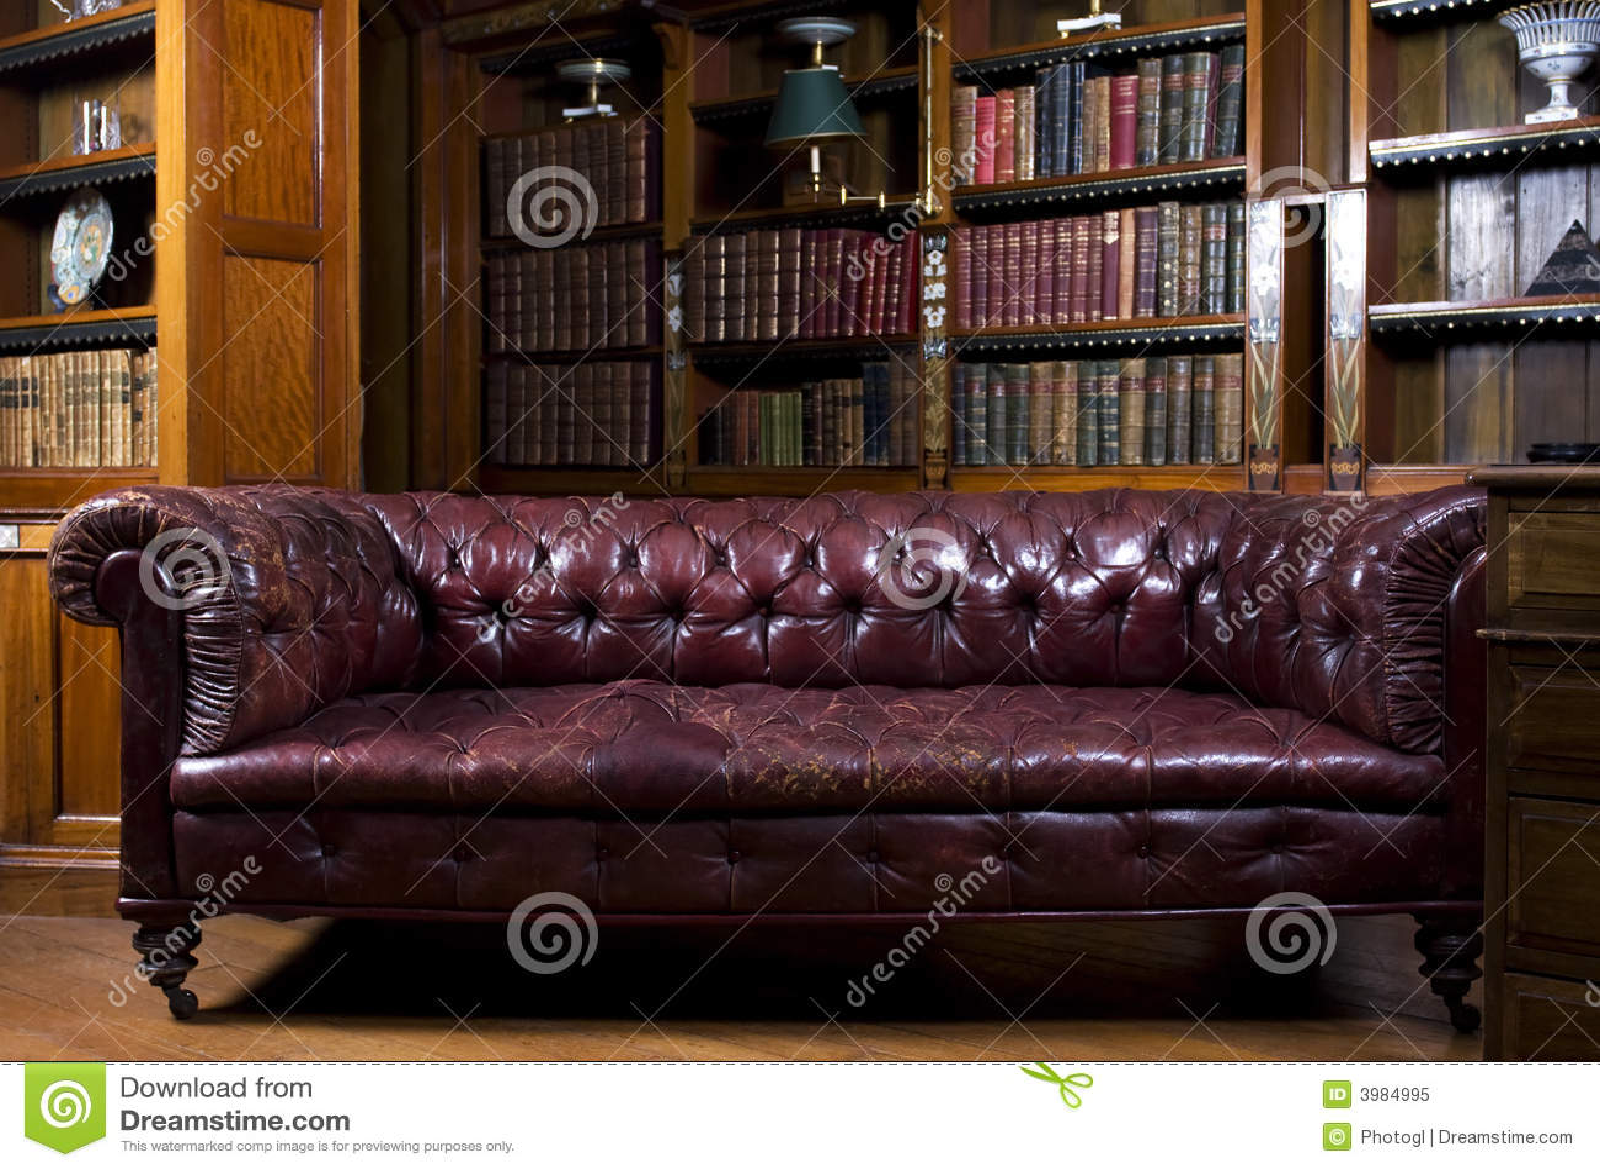 bilder wohnzimmer retro:Retro- Wohnzimmer Lizenzfreies Stockfoto – Bild: 3984995